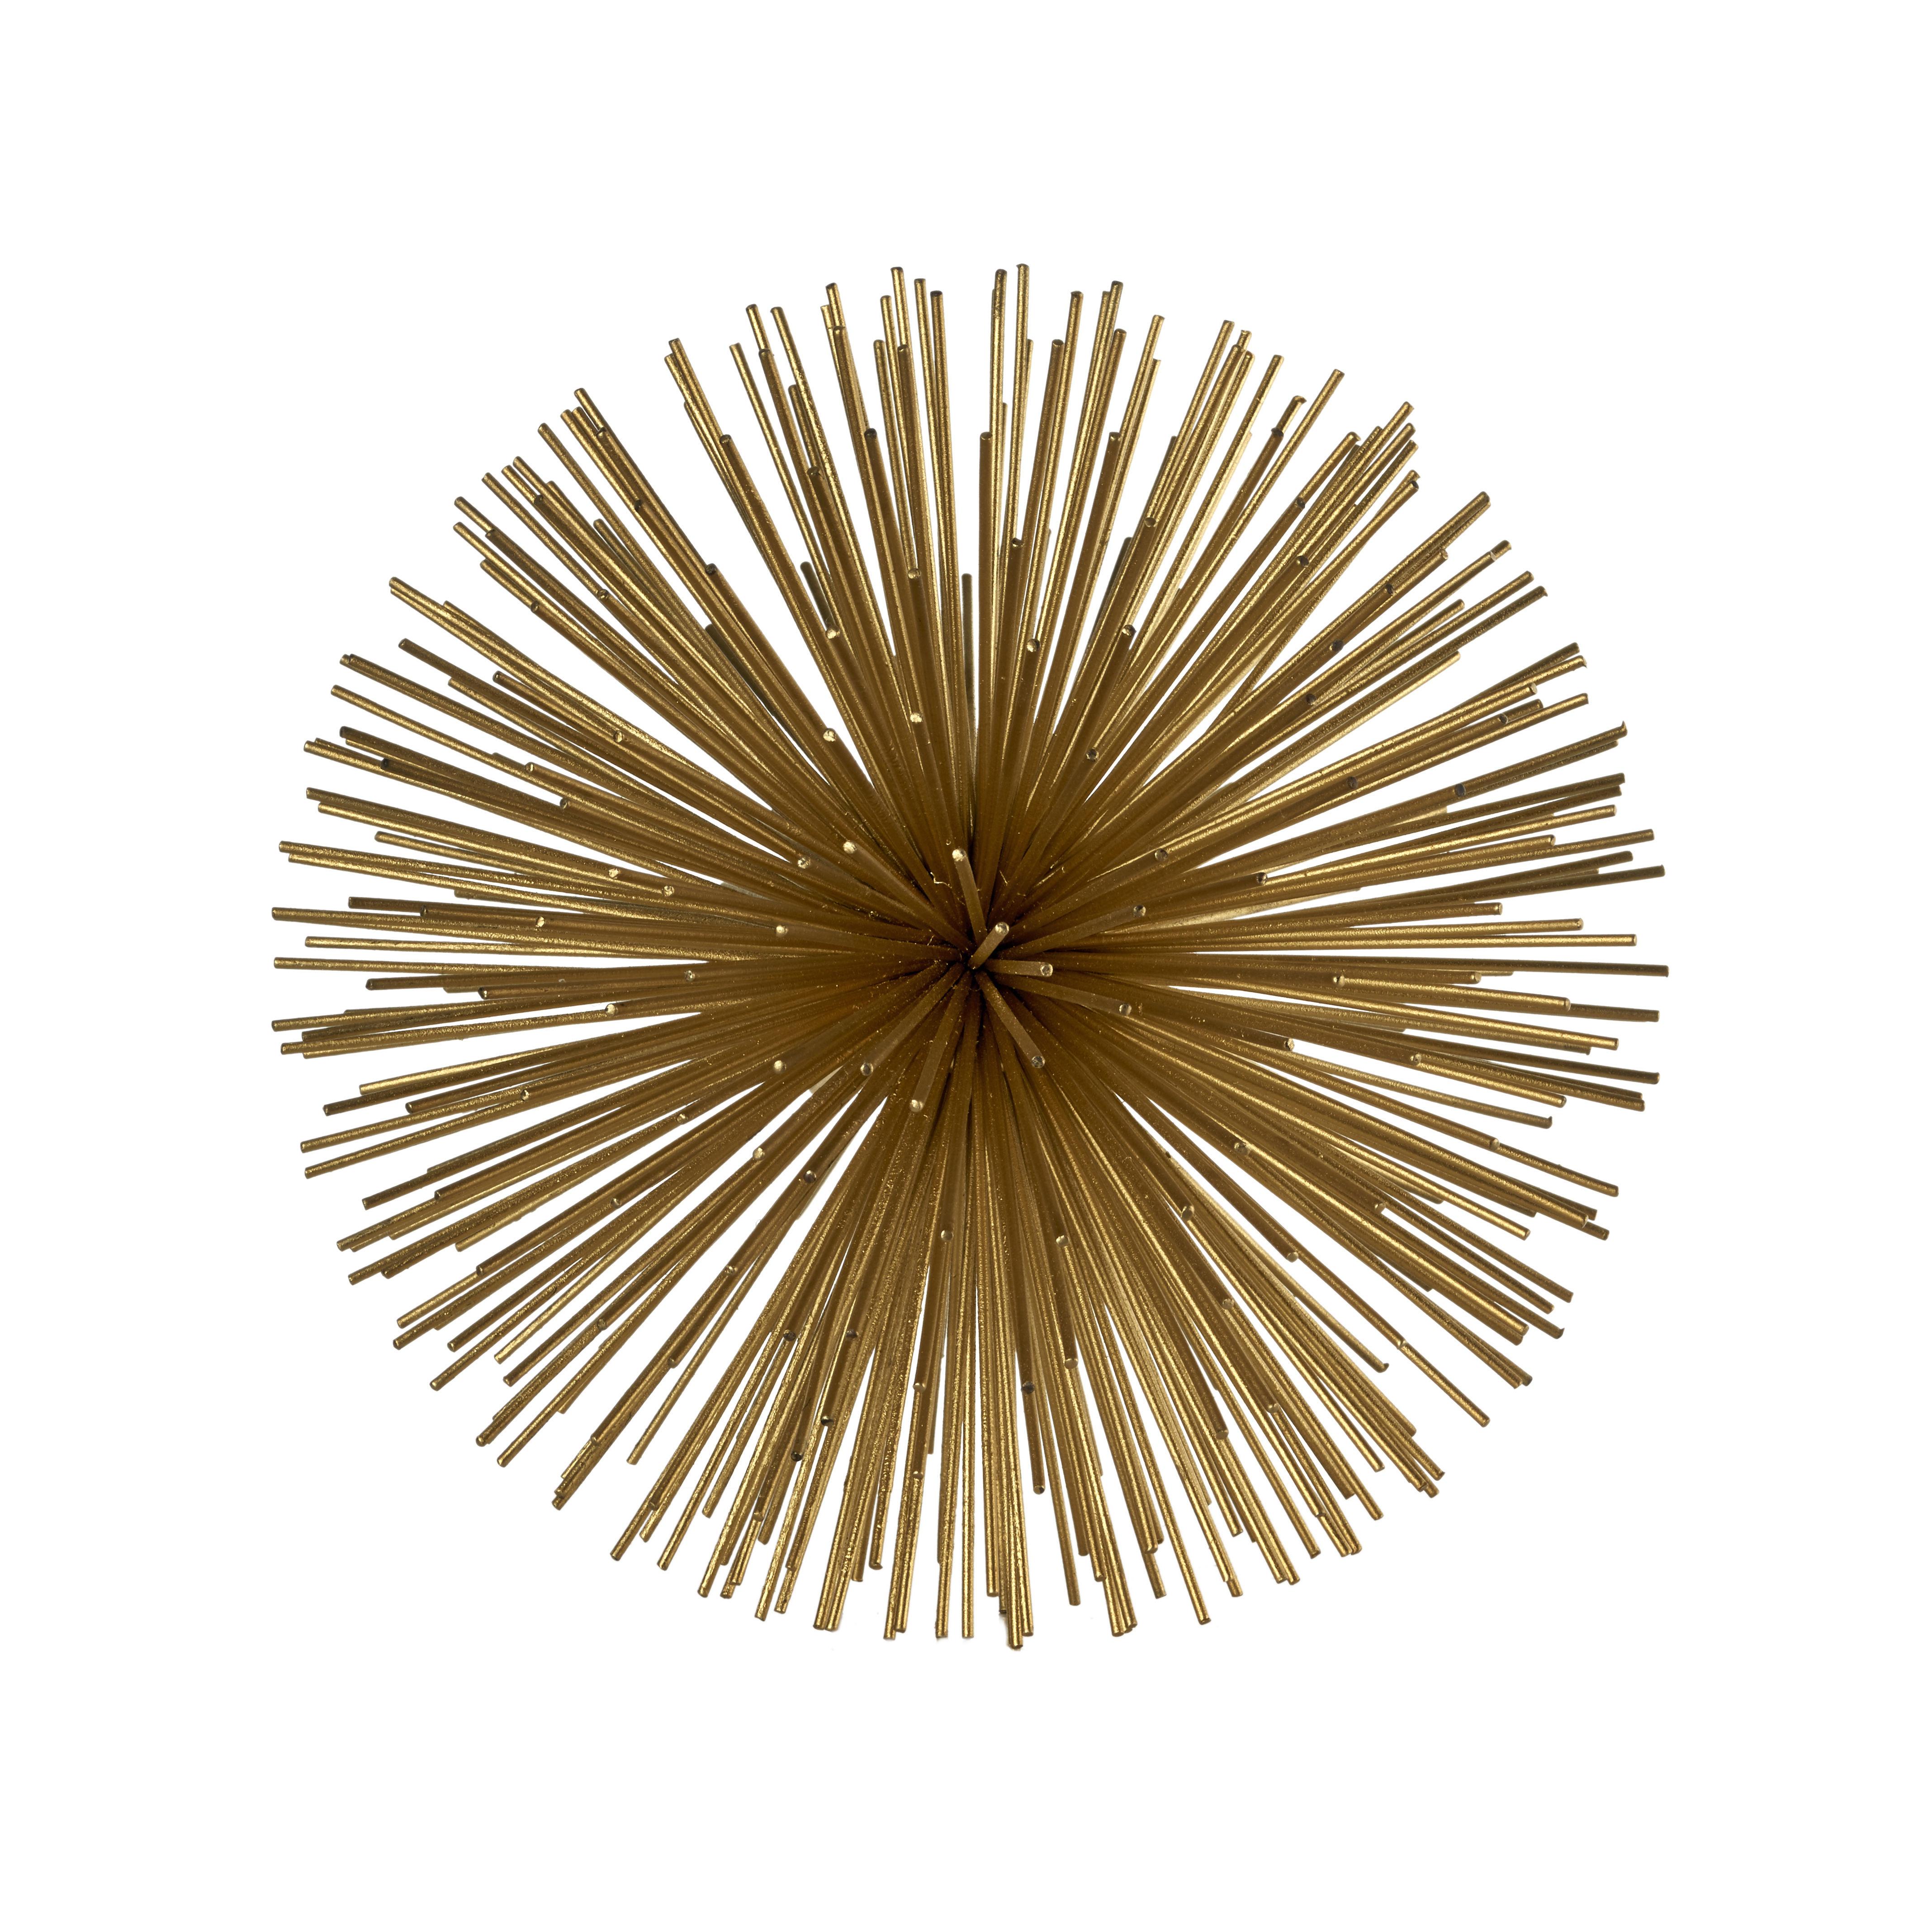 Déco - Objets déco et cadres-photos - Décoration Prickle brass Small / Ø 18 cm - Métal - Pols Potten - Ø 18 cm / Laiton - Métal teinté